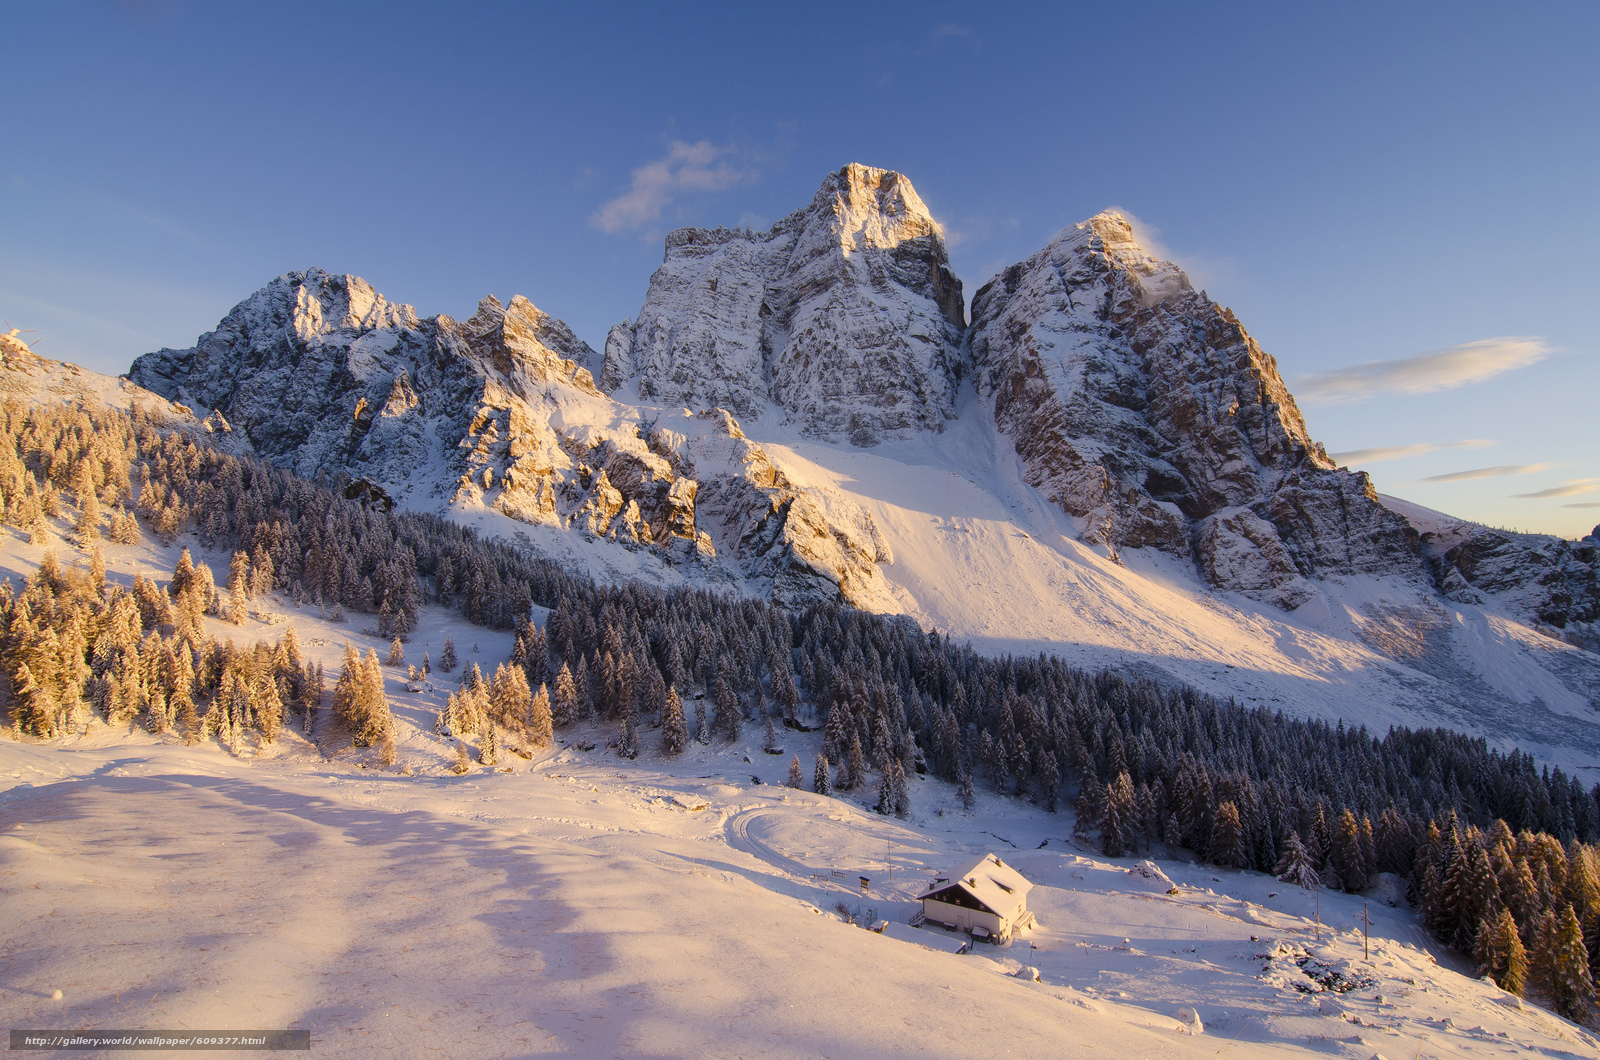 Scaricare gli sfondi montagne alberi cabina inverno for Immagini inverno sfondi